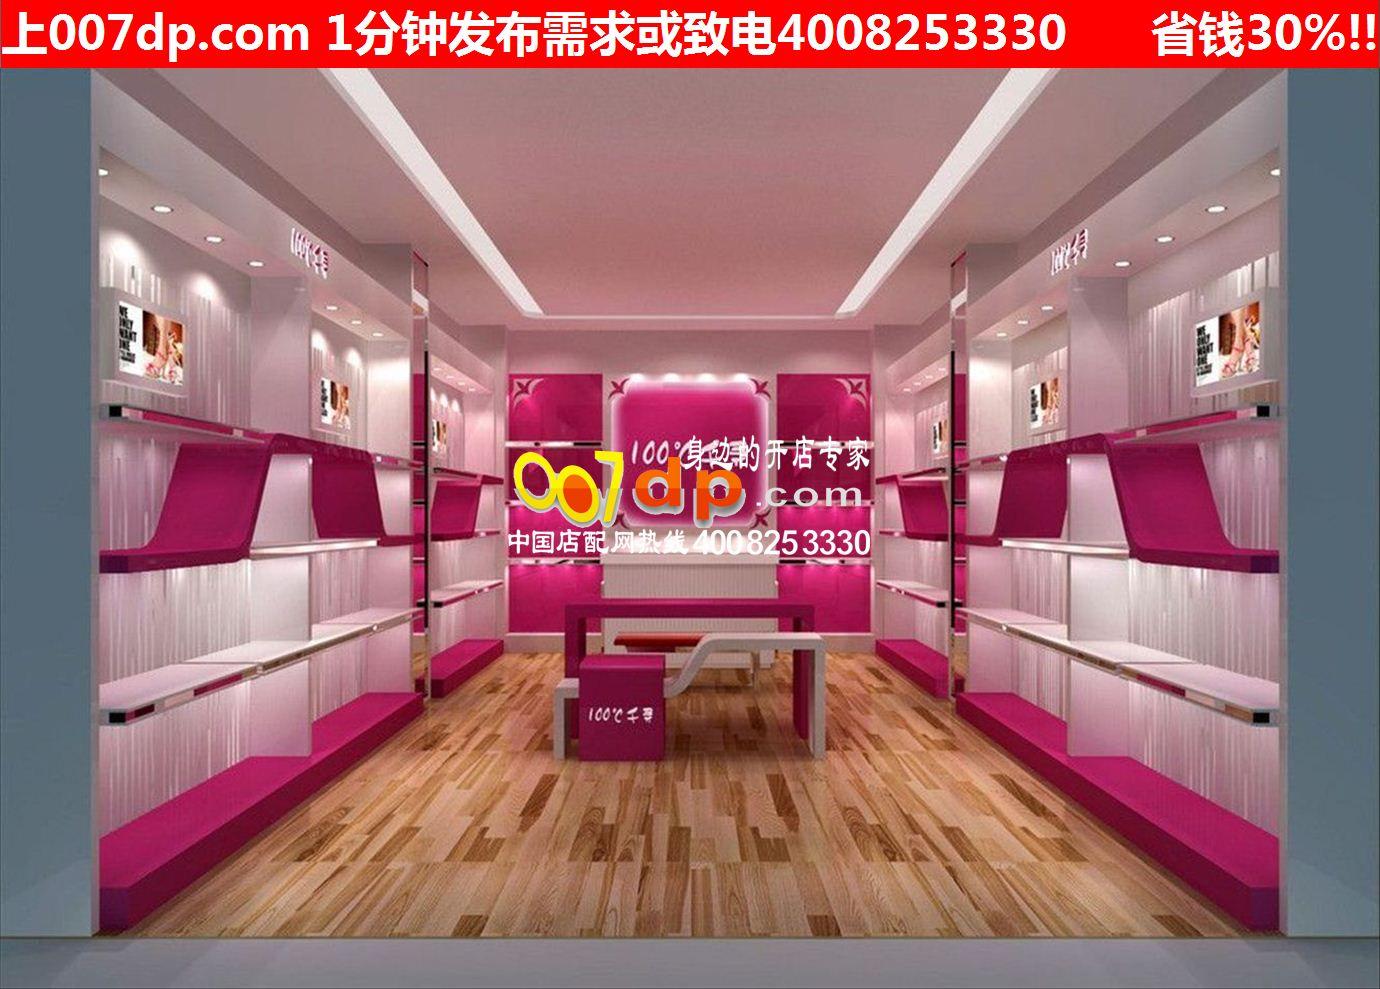 中国店配网个性鞋店装修效果图创意女鞋店装修风格效果图大全